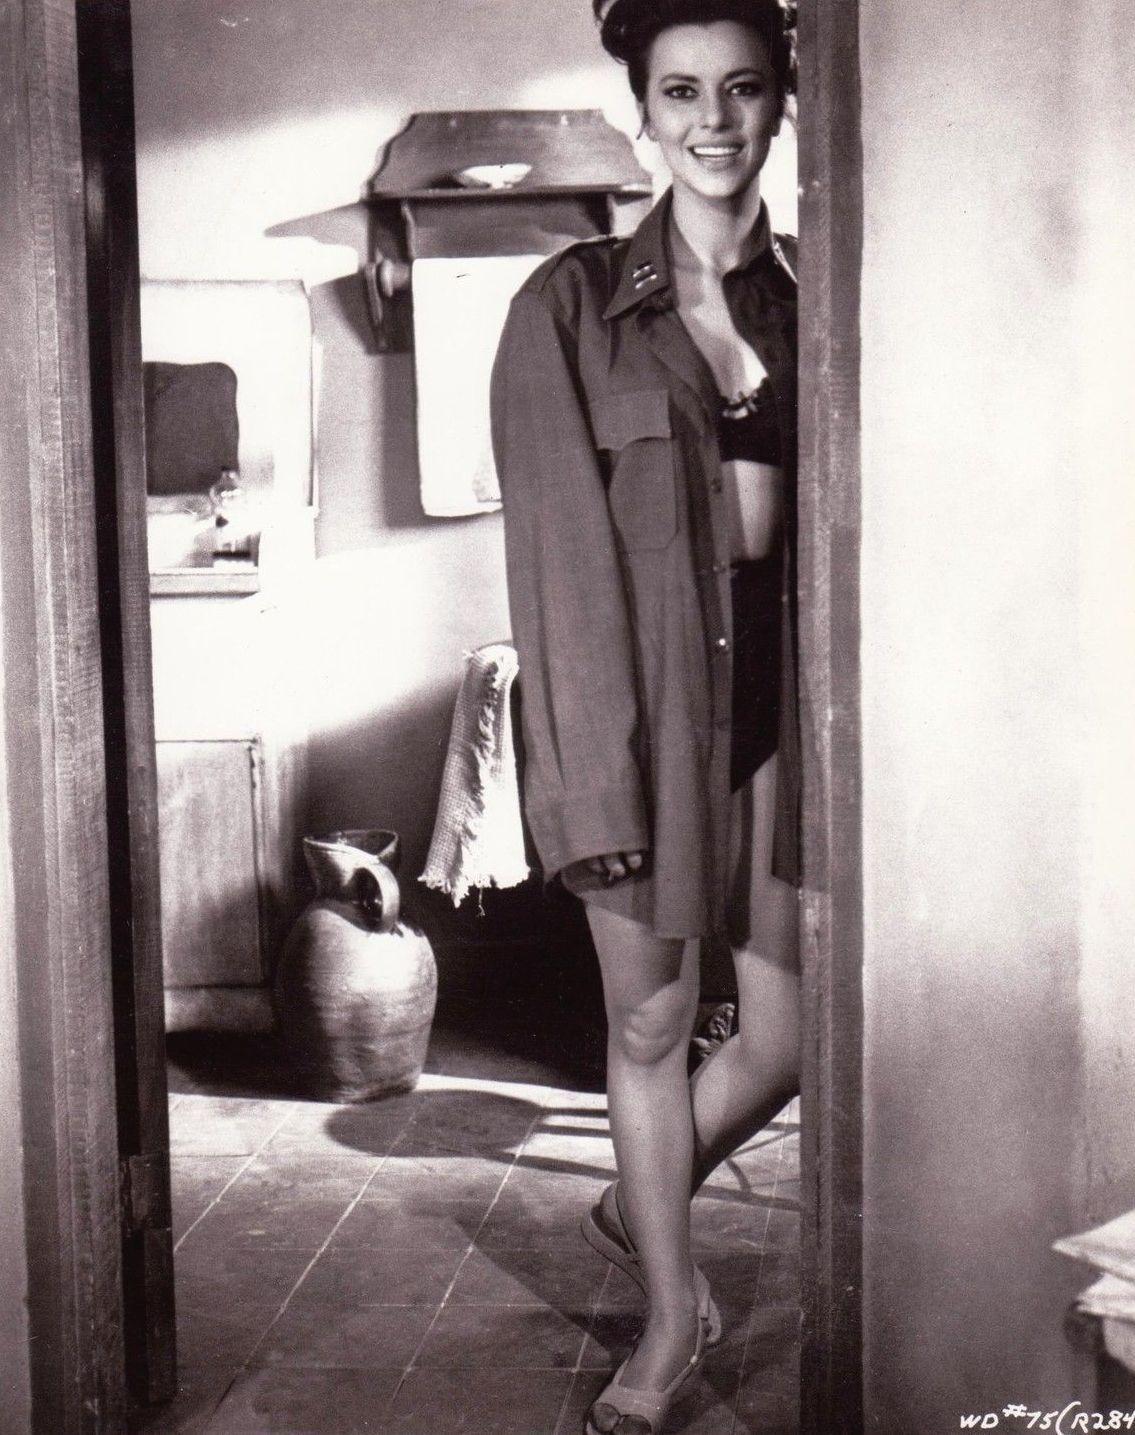 foto Giovanna Ralli (born 1935)